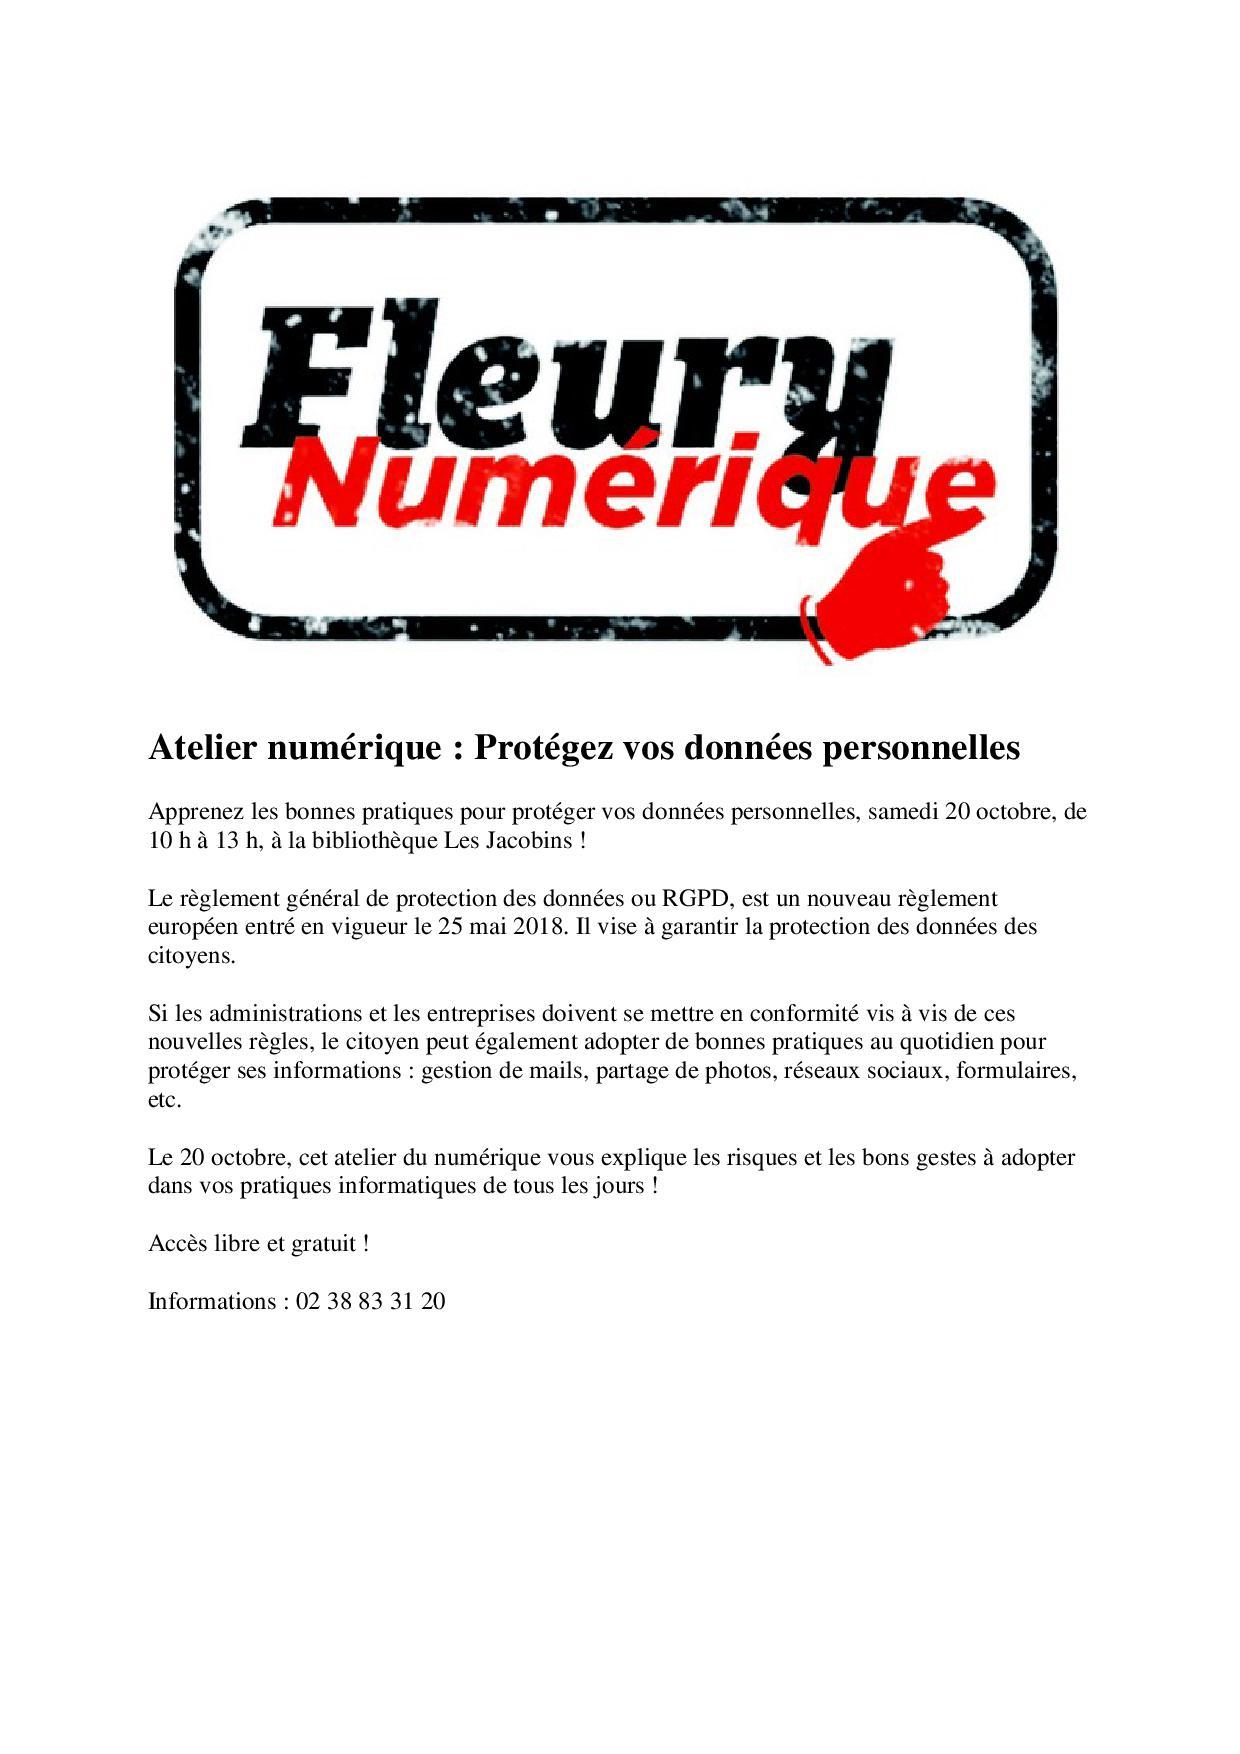 Document1 Fleury Numérique 2018 (20.10.2018).jpg